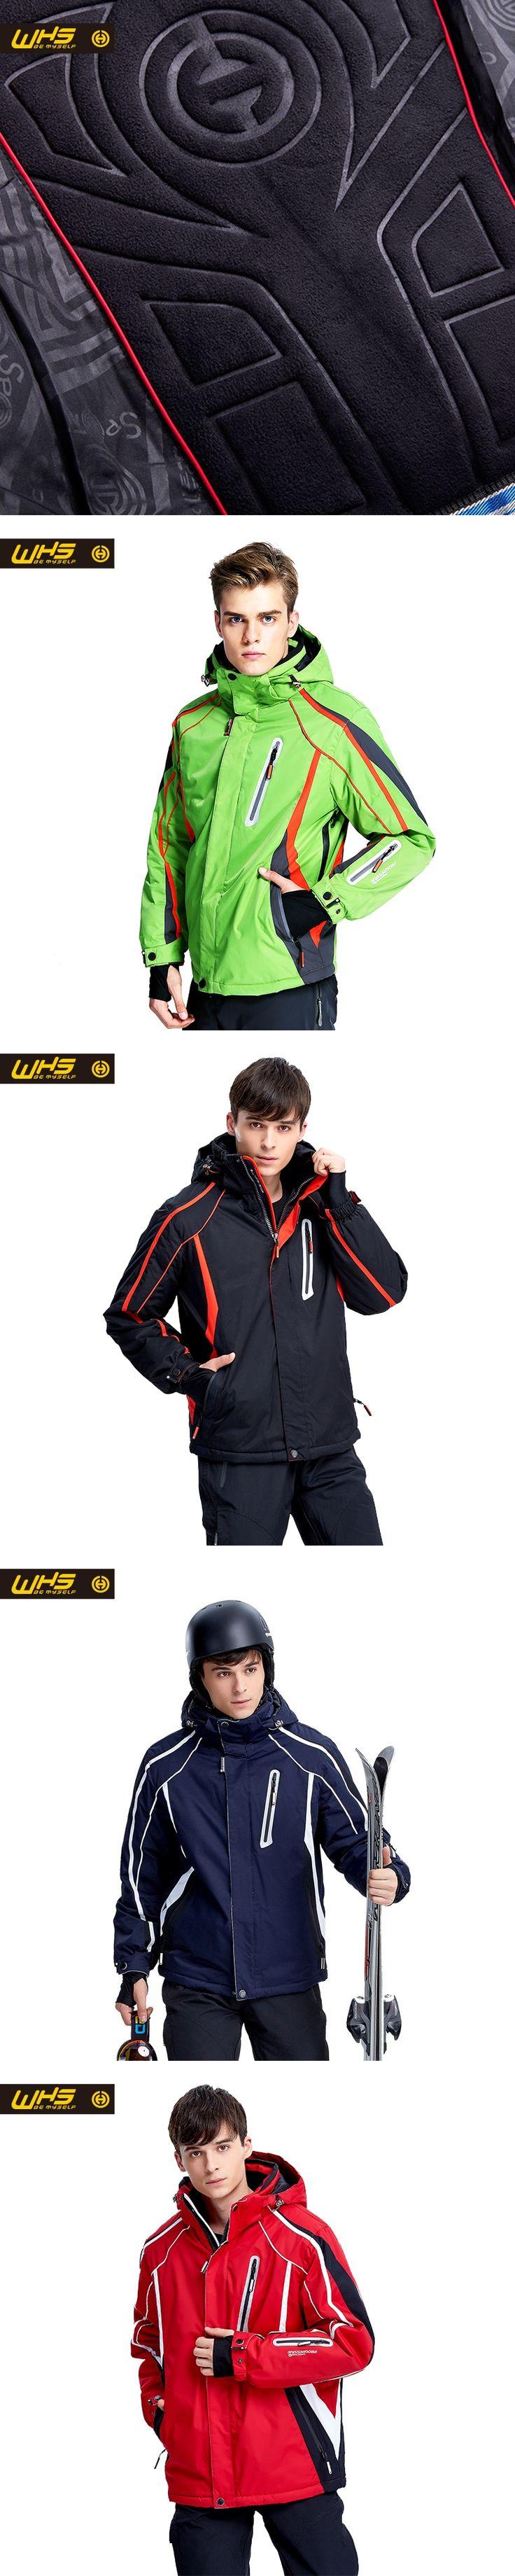 WHS New Skiing jacket men outdoor sport coat warm windproof snow jackets waterproof breathable Sportswear winter